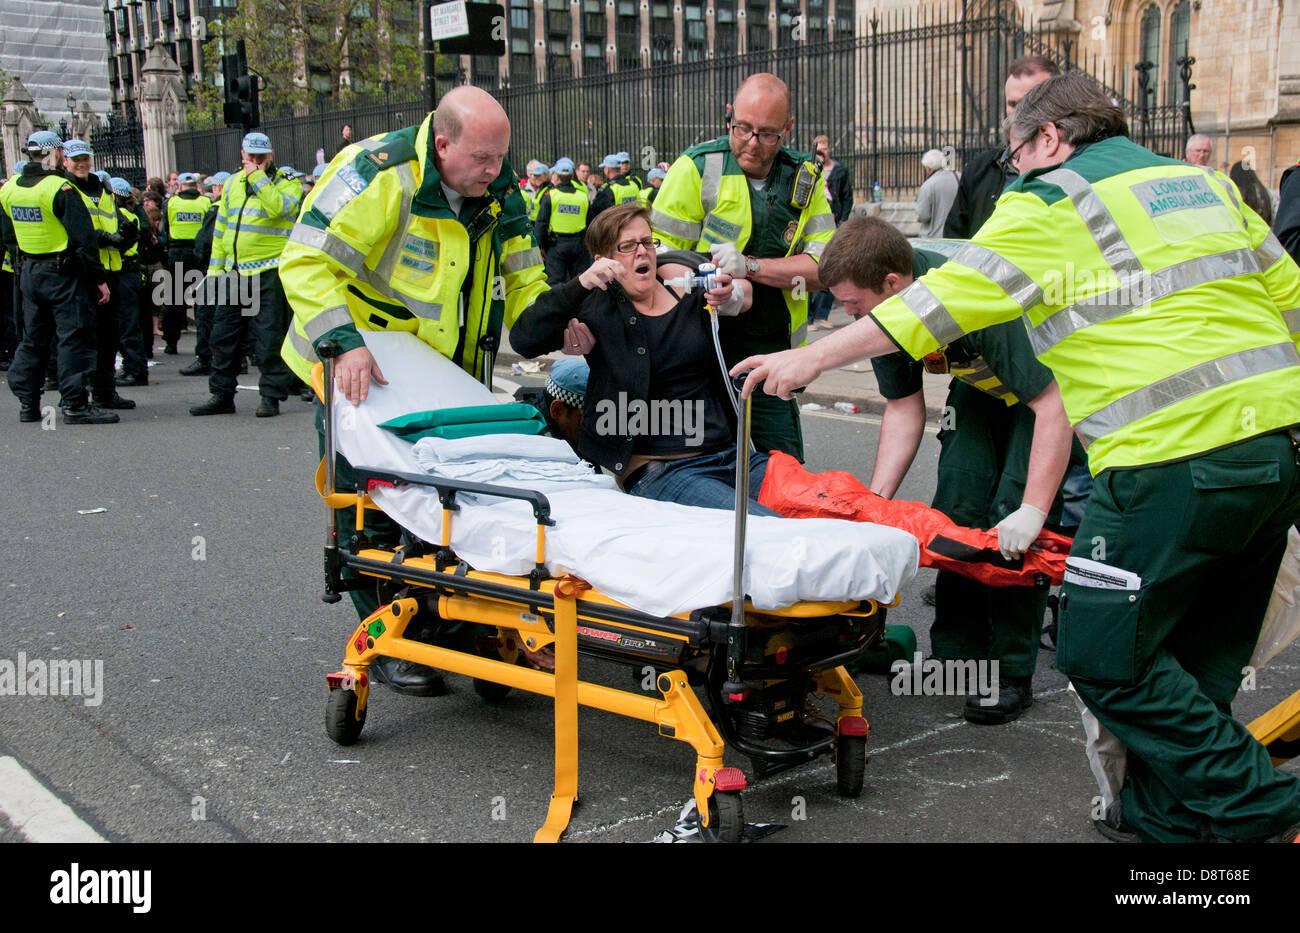 Femme blessée d'être mis sur une civière après avoir blessé sur la démonstration. Photo Stock